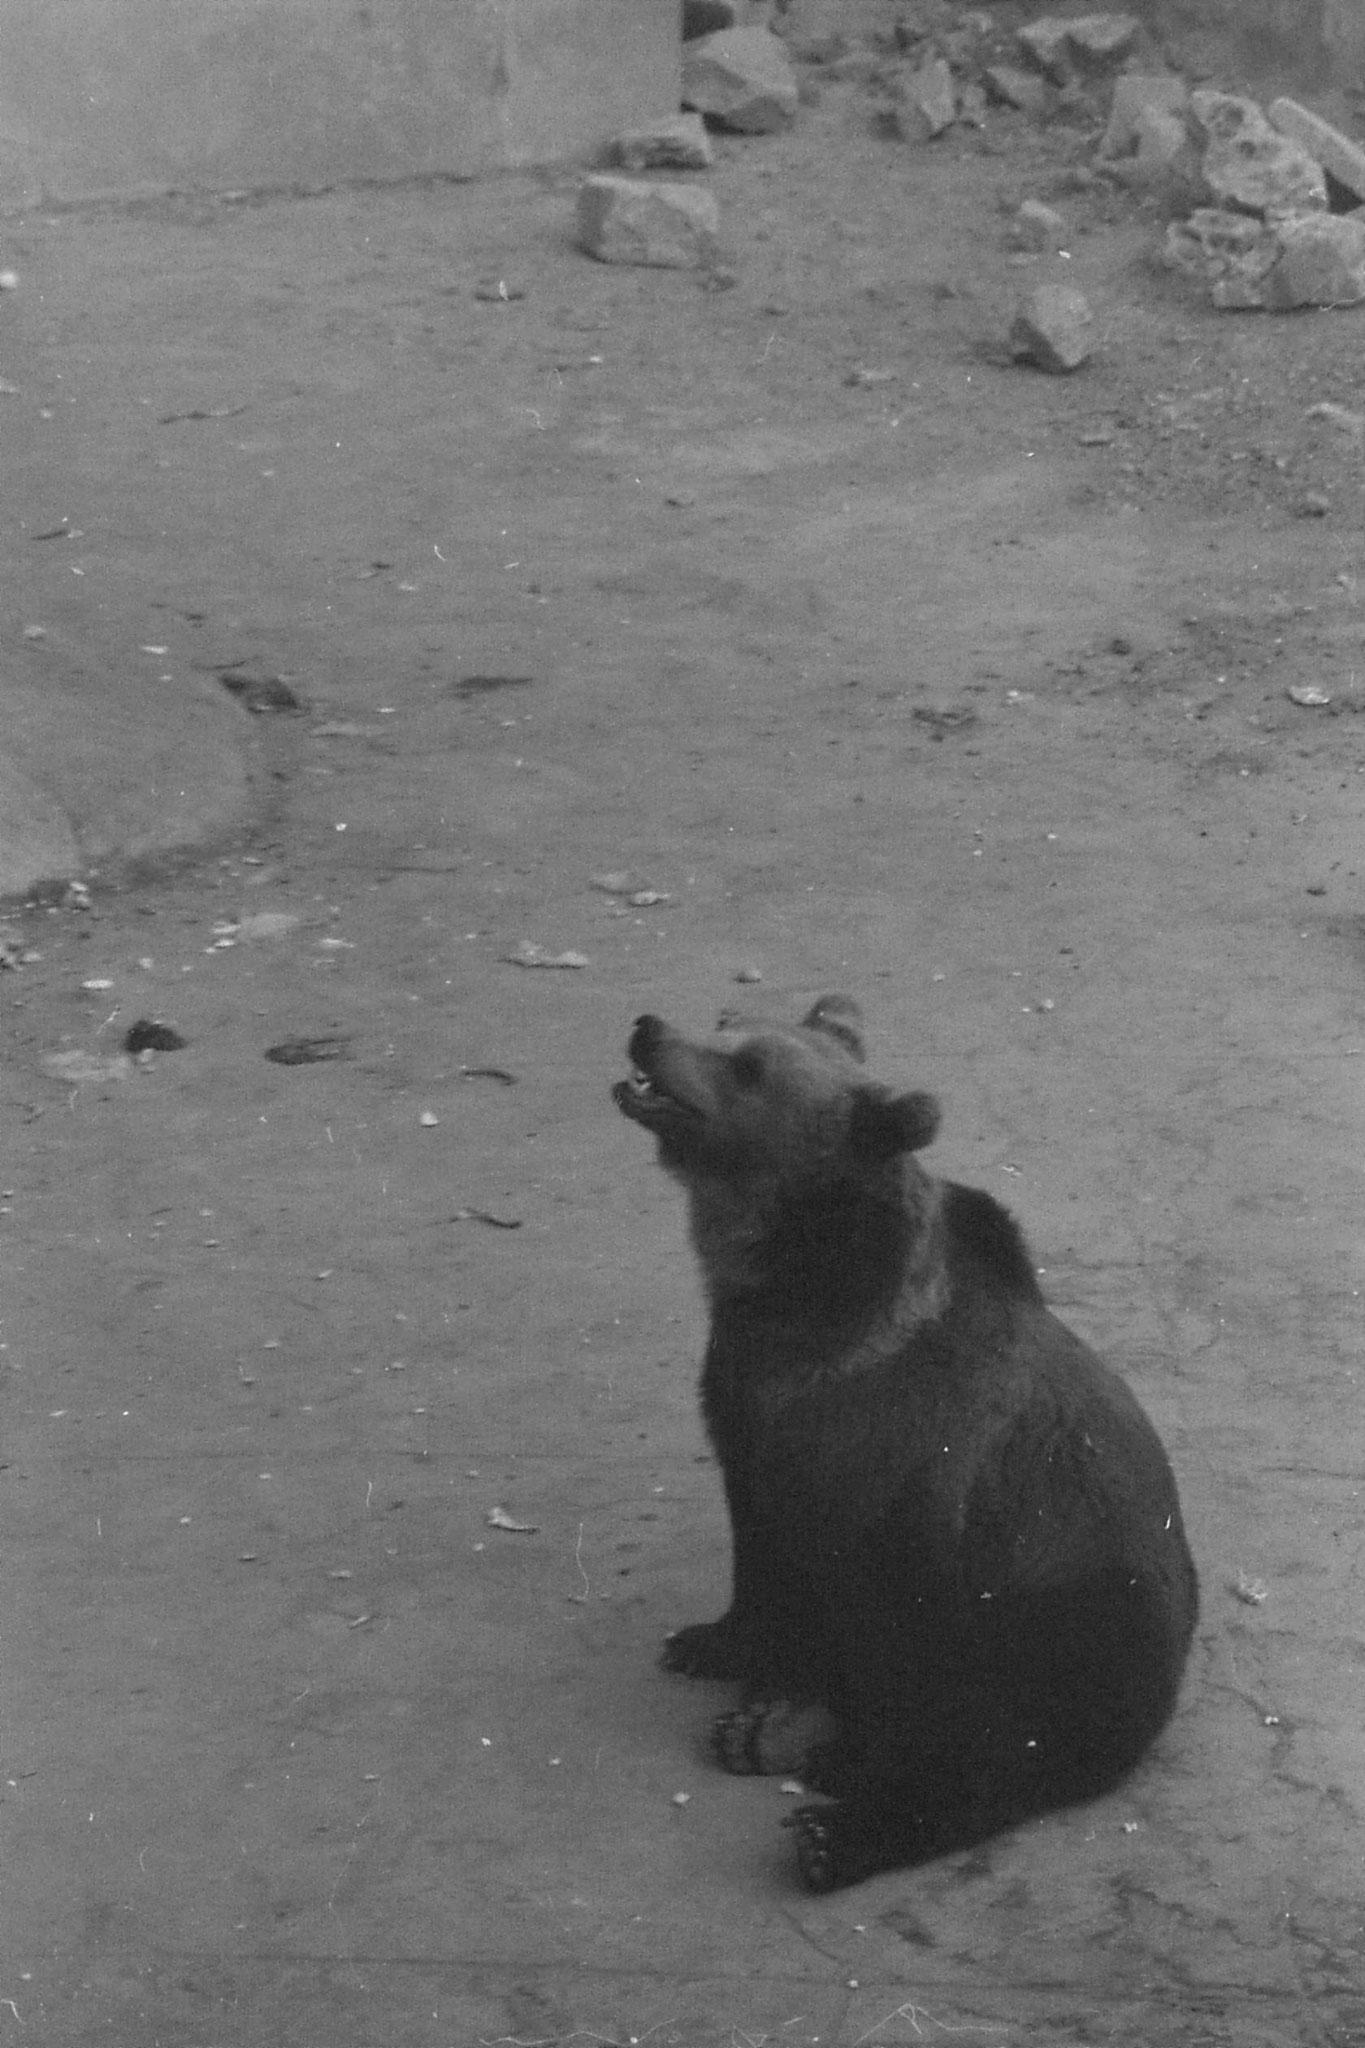 19/11/1988: 9: Beijing Zoo